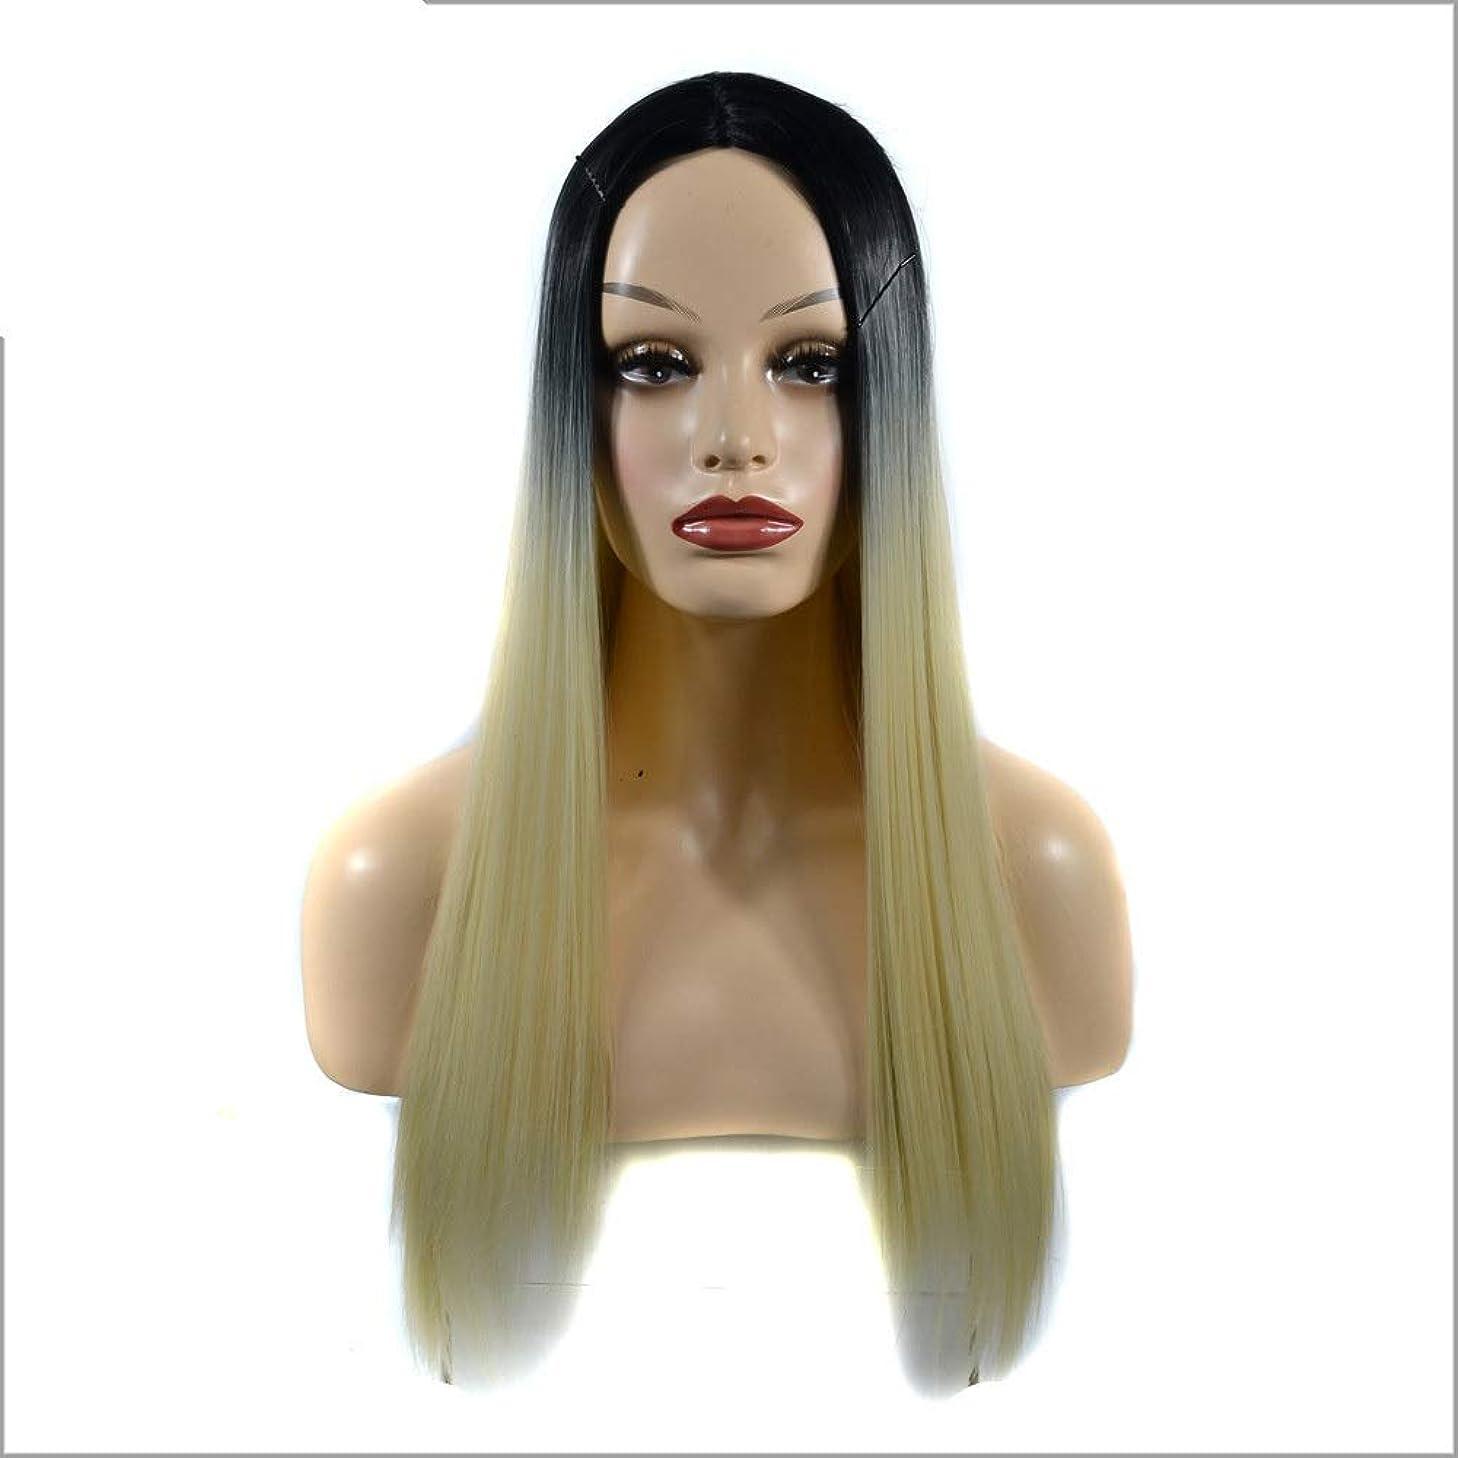 折る分数顕著HOHYLLYA 女性の長いストレートフルかつらコスチューム人工毛ヘアピースアニメコスプレパーティーガール+かつらキャップパーティーかつら (色 : Gradient, サイズ : 60cm)